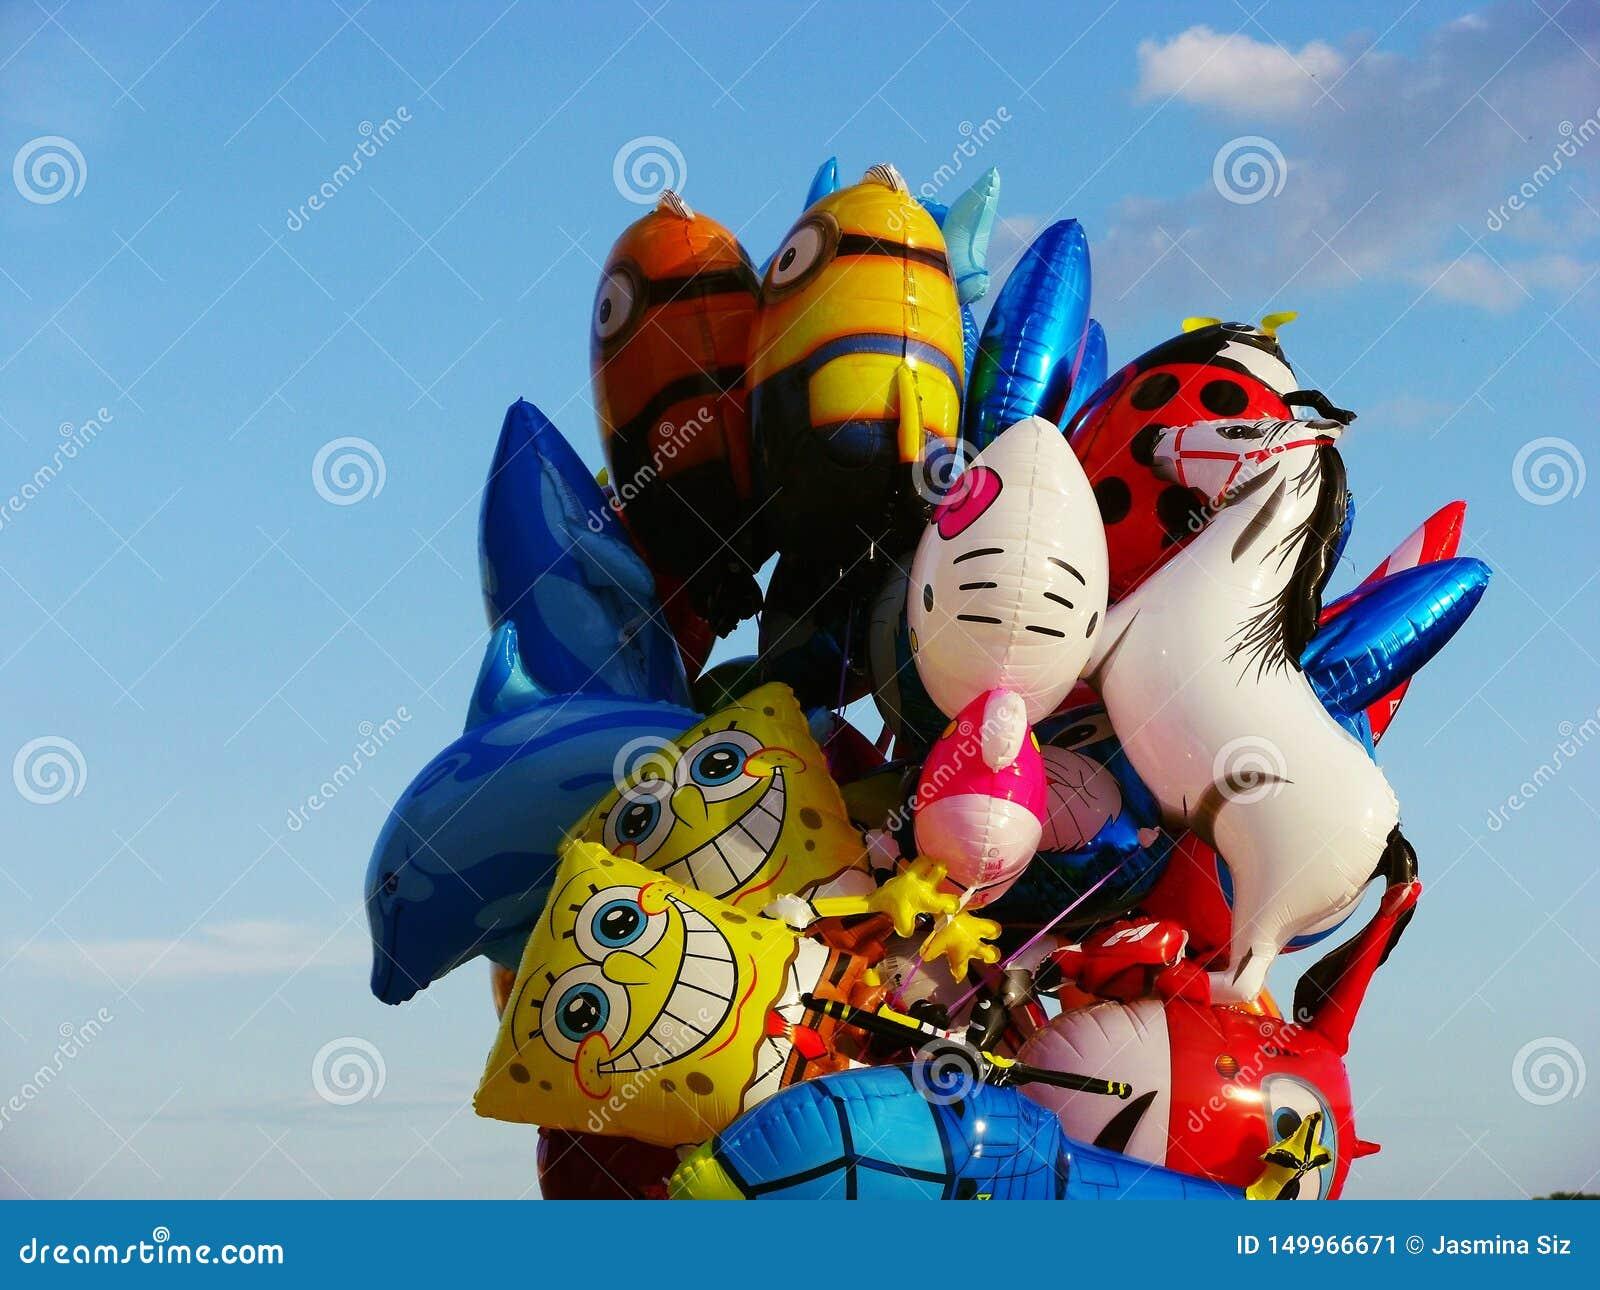 Ζωηρόχρωμοι μπαλόνια και μπλε ουρανός - πίσω στην παιδική ηλικία